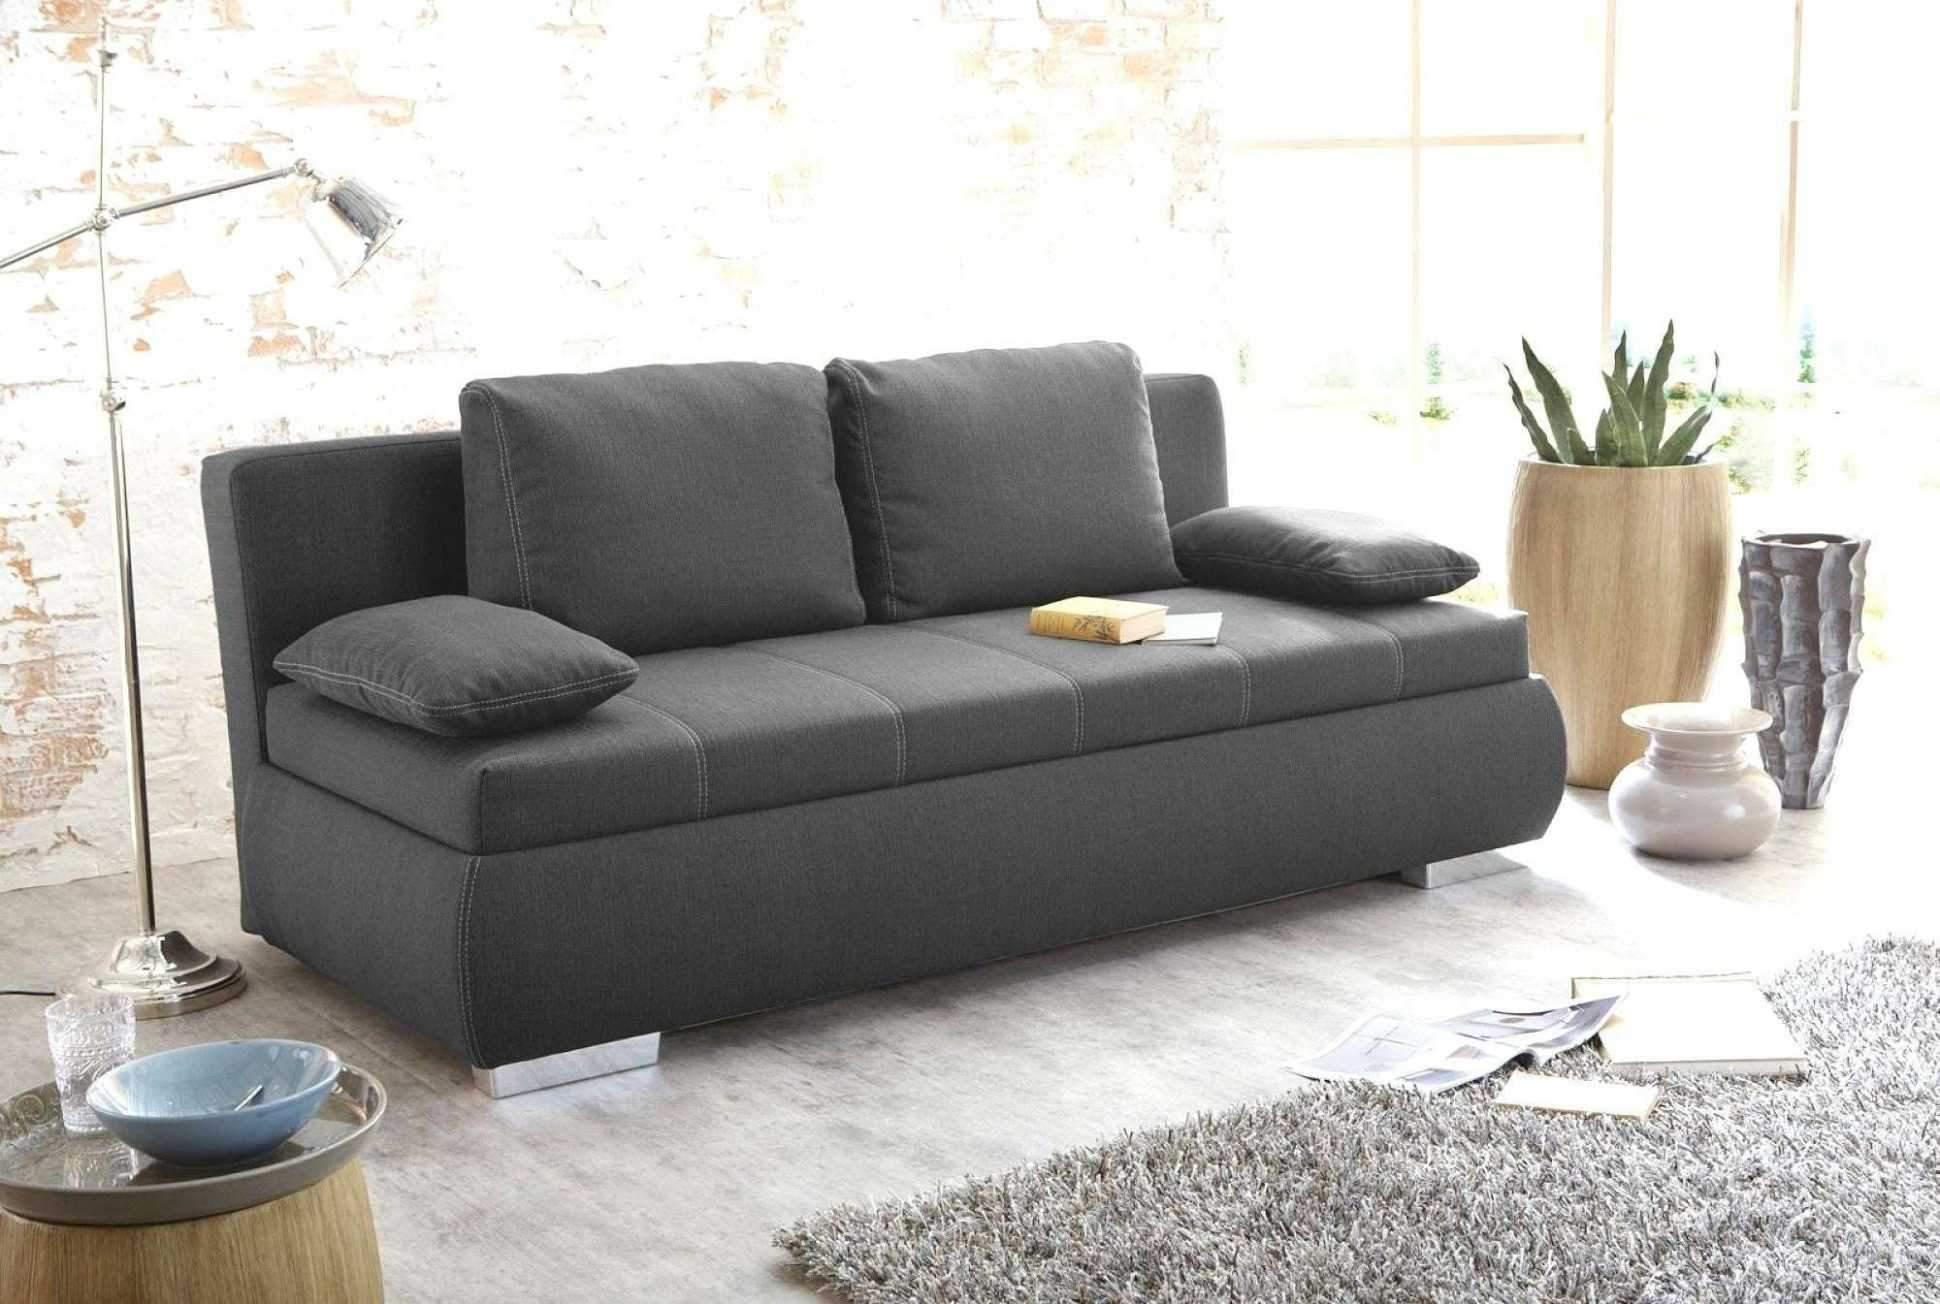 wohnzimmer couch gunstig das beste von 40 luxus von sofa klein gunstig ideen of wohnzimmer couch gunstig